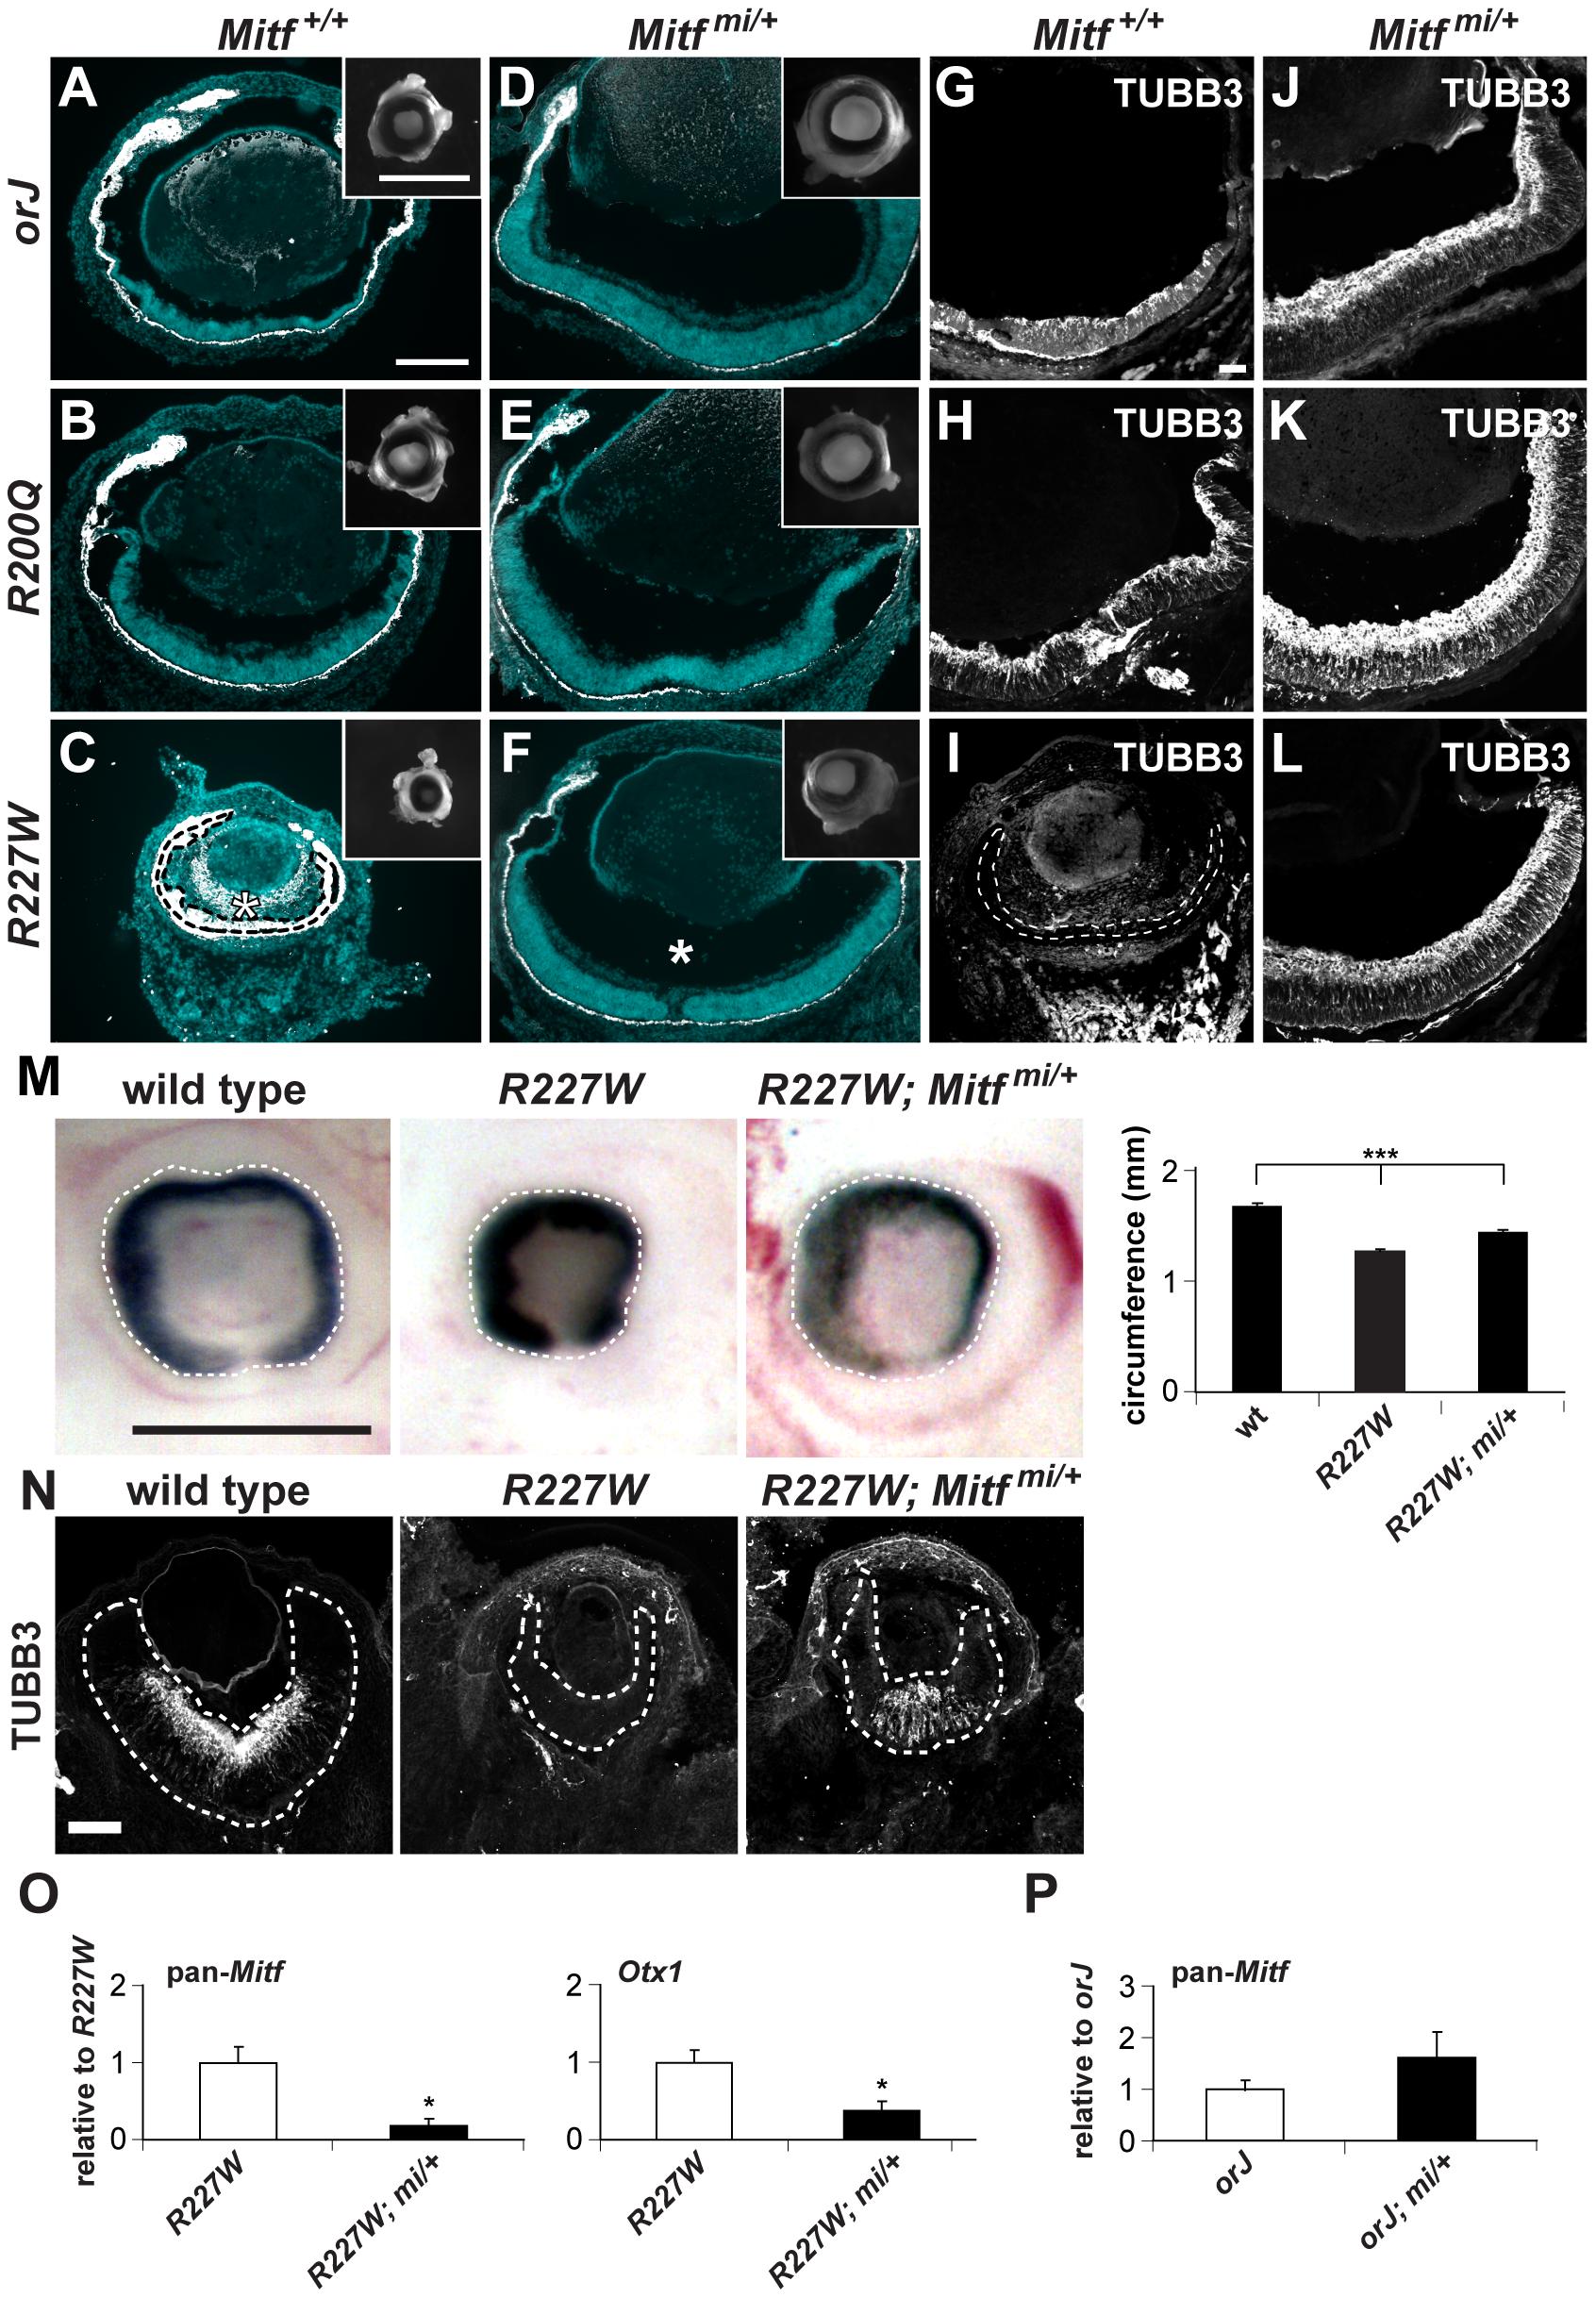 The dominant negative allele <i>Mitf<sup>mi</sup></i> restores retinal development in the <i>Vsx2</i> mutants.